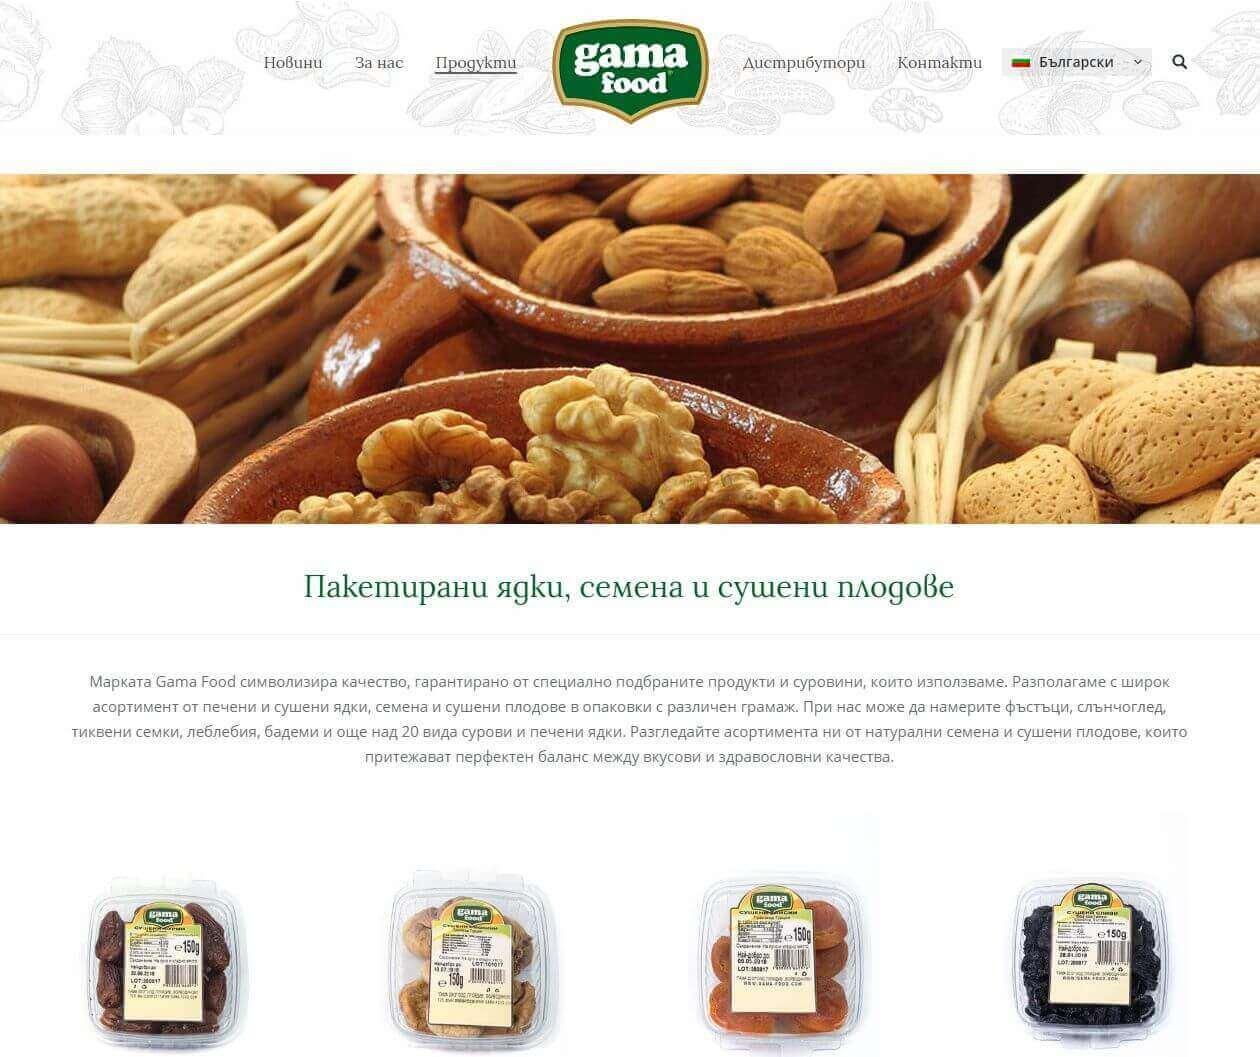 SEO оптимизация и изработка на уеб сайтове - рекламна агенция Медия Дизайн